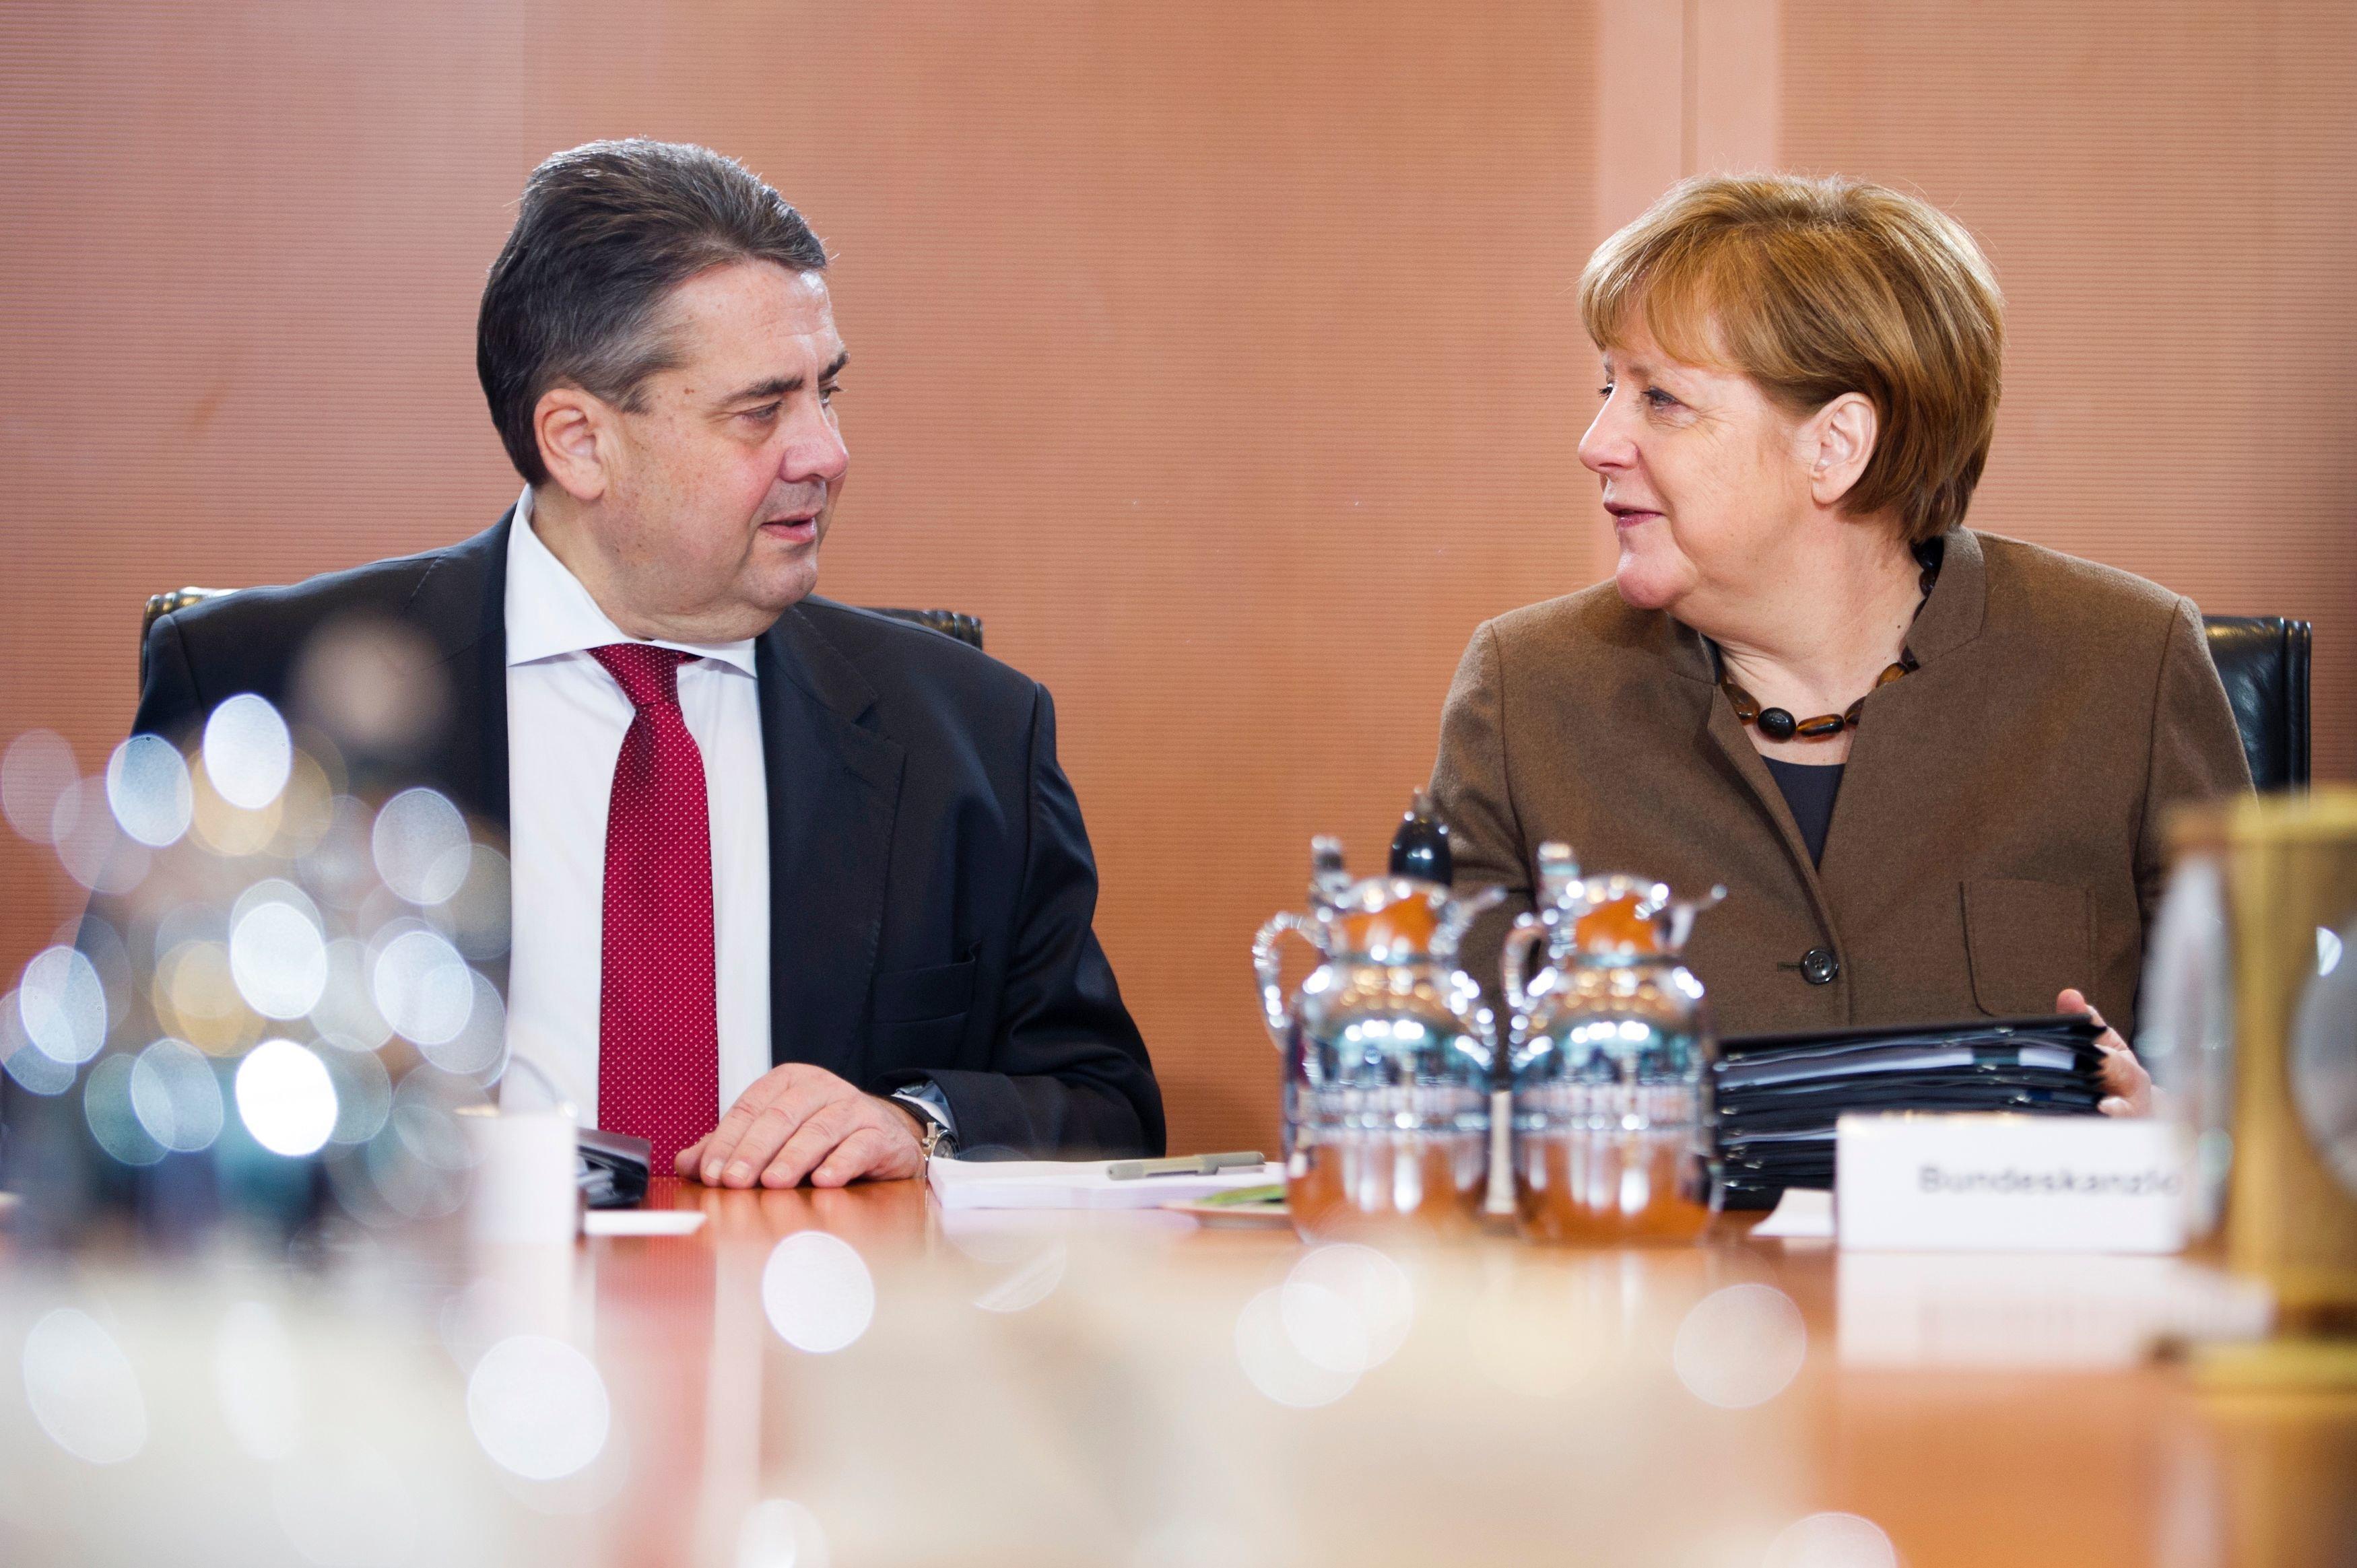 Zeitung: Gabriel-Ressort koordiniert SPD-Strategie gegen Kanzleramt